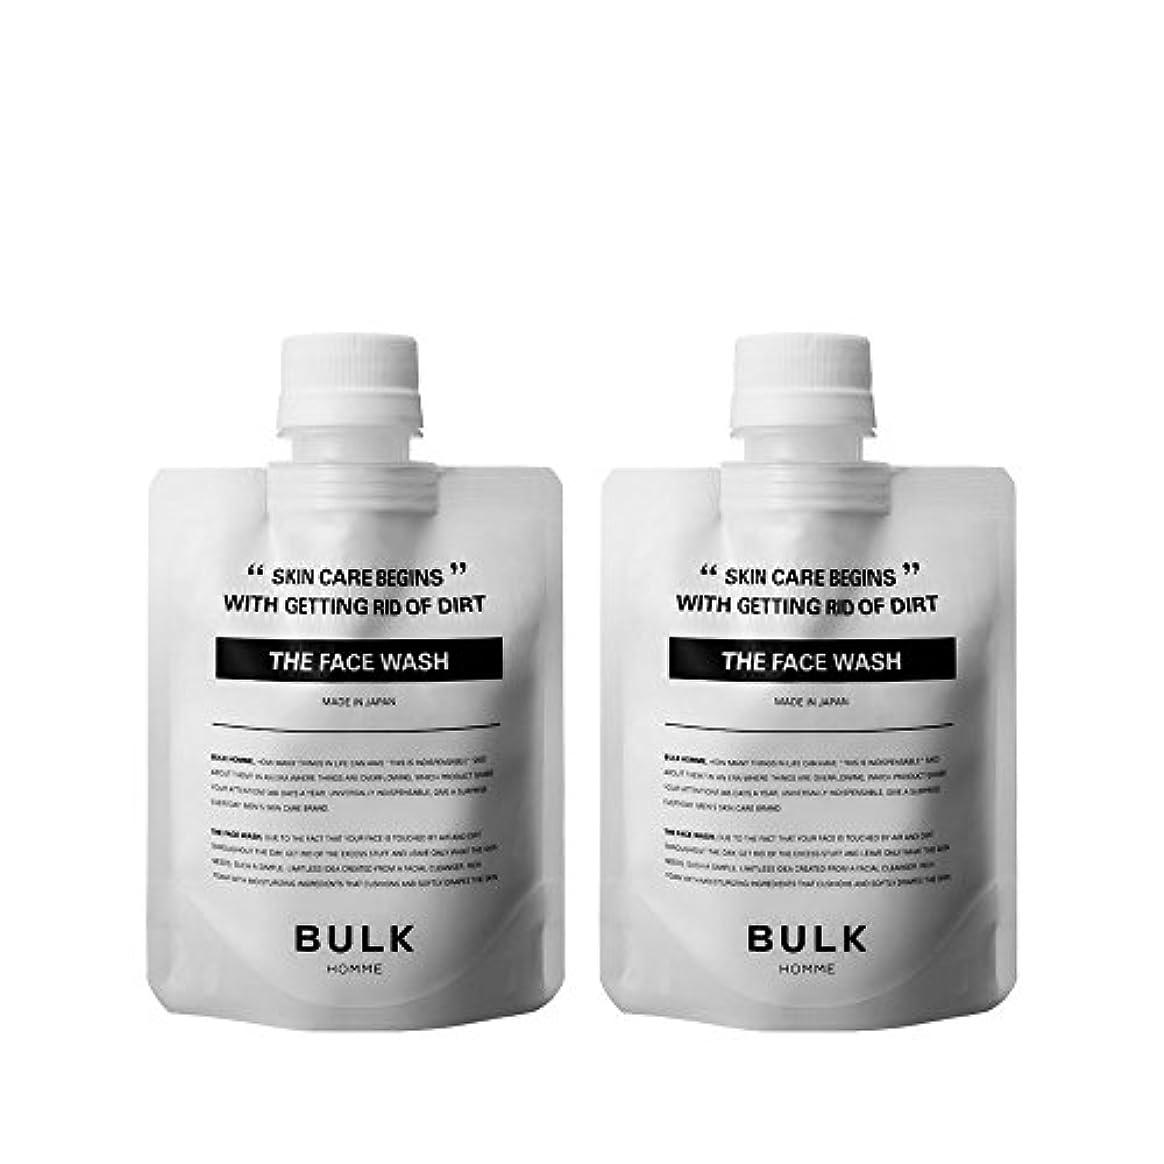 面積未亡人ブレス【メンズ洗顔】バルクオム フェイスウォッシュ 2個セット 100g×2個 BULK HOMME